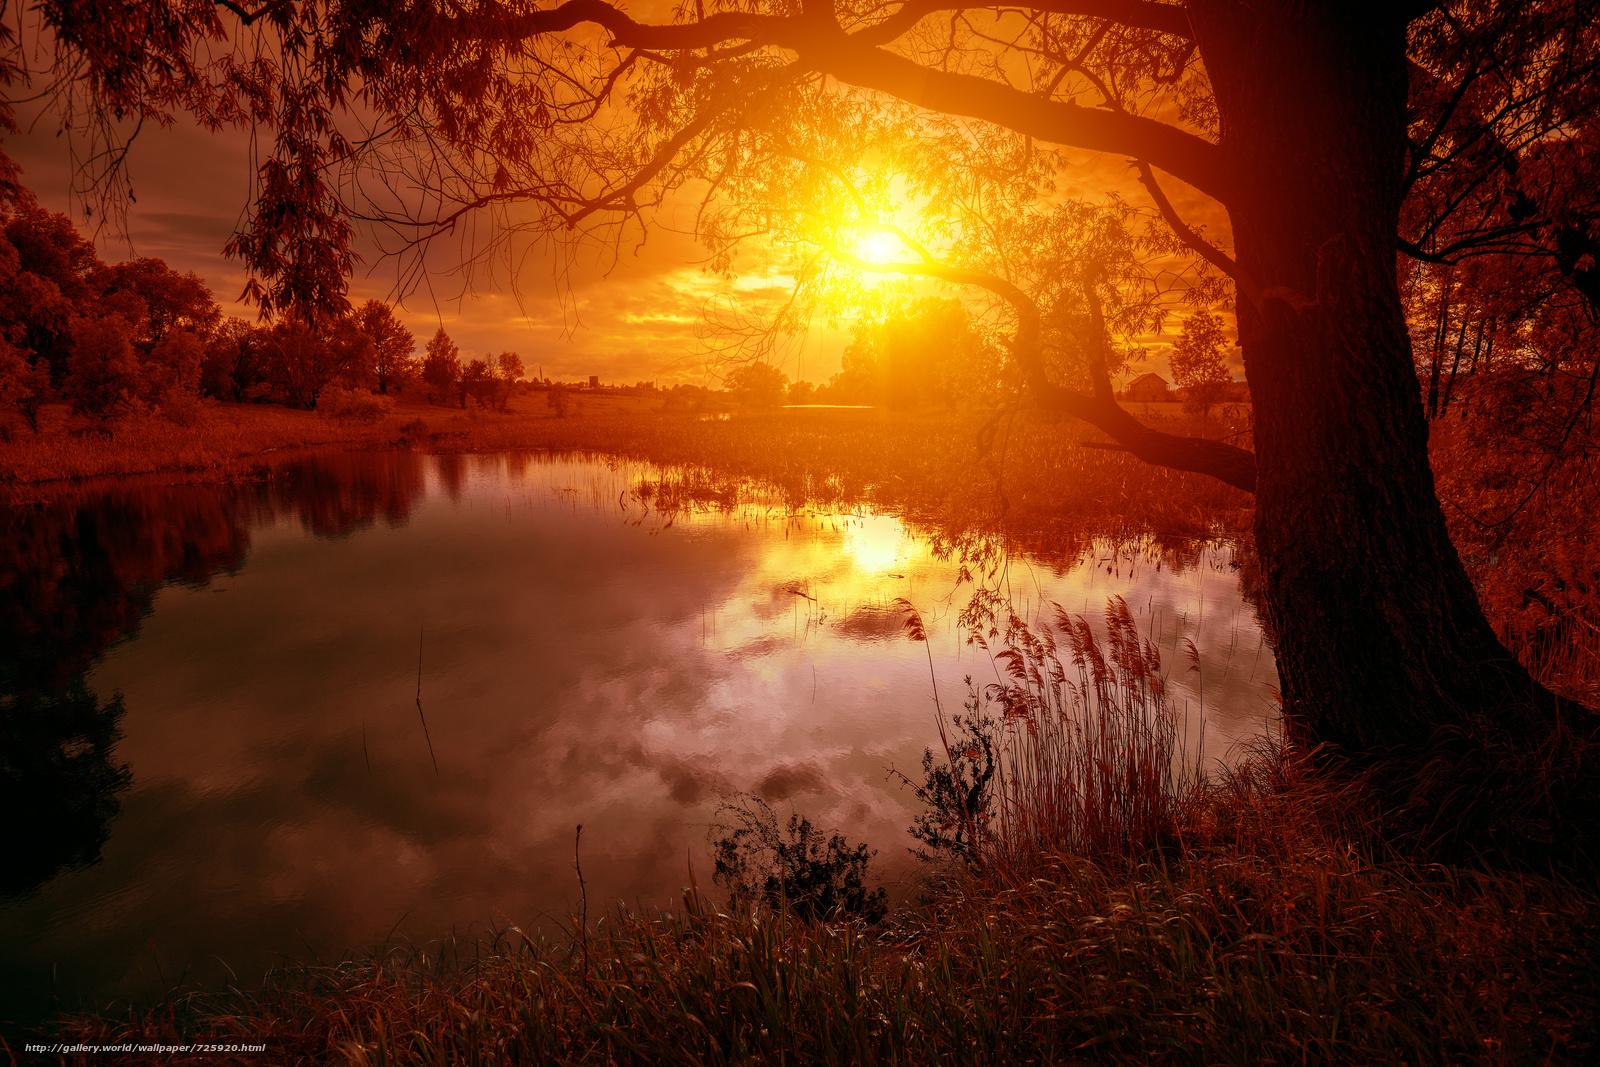 красивые картинки пейзаж закат недостатках, как